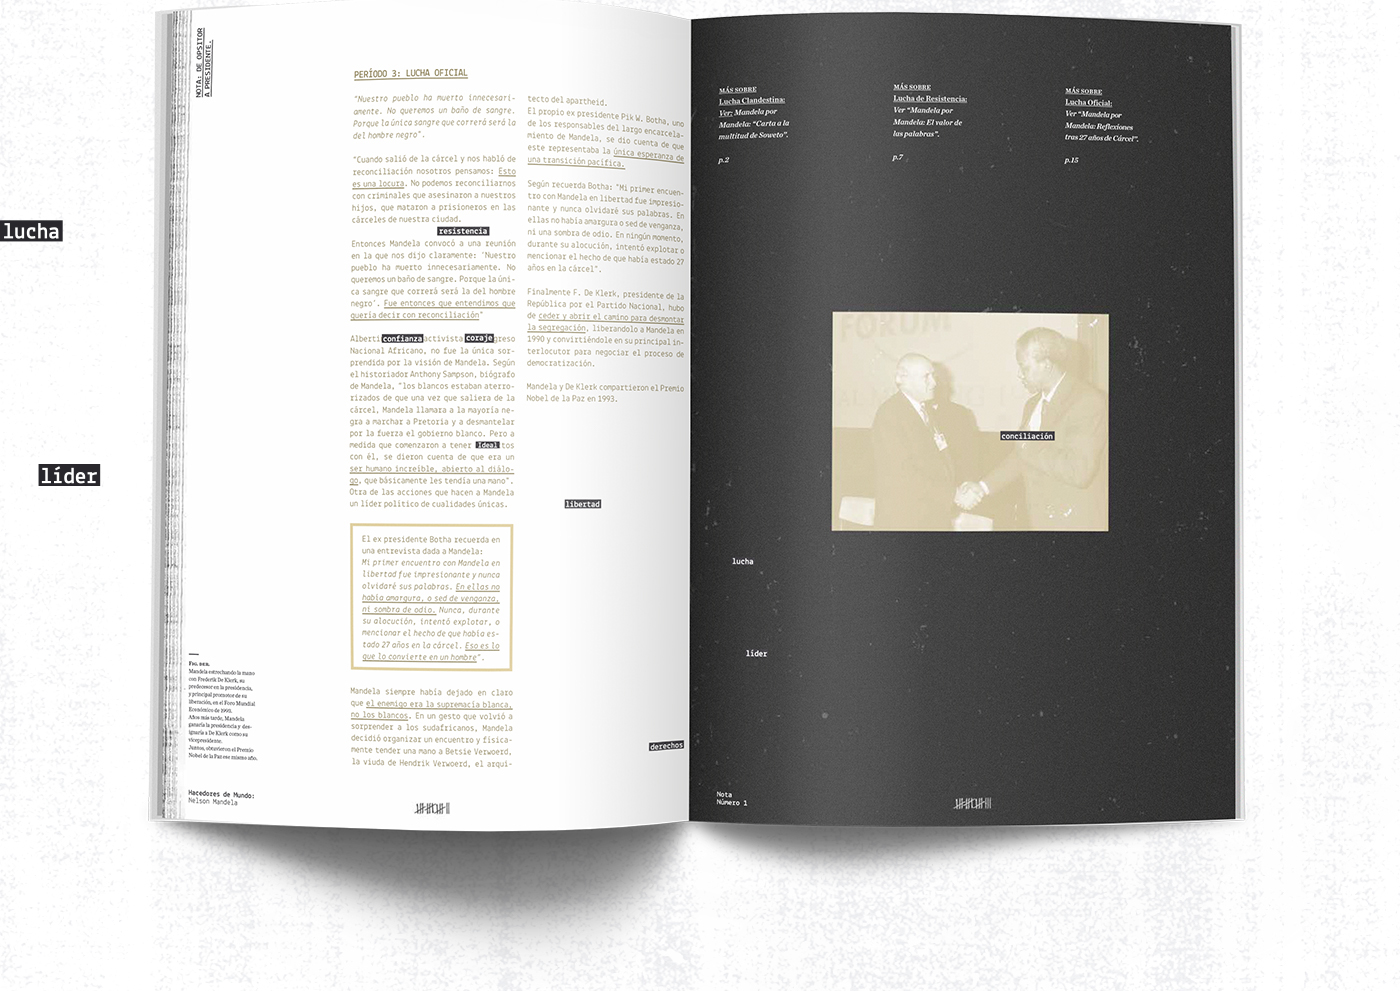 Nelson Mandela Mandela editorial design fascicles Hacedores de Mundo typography   fasciculos colección magazine